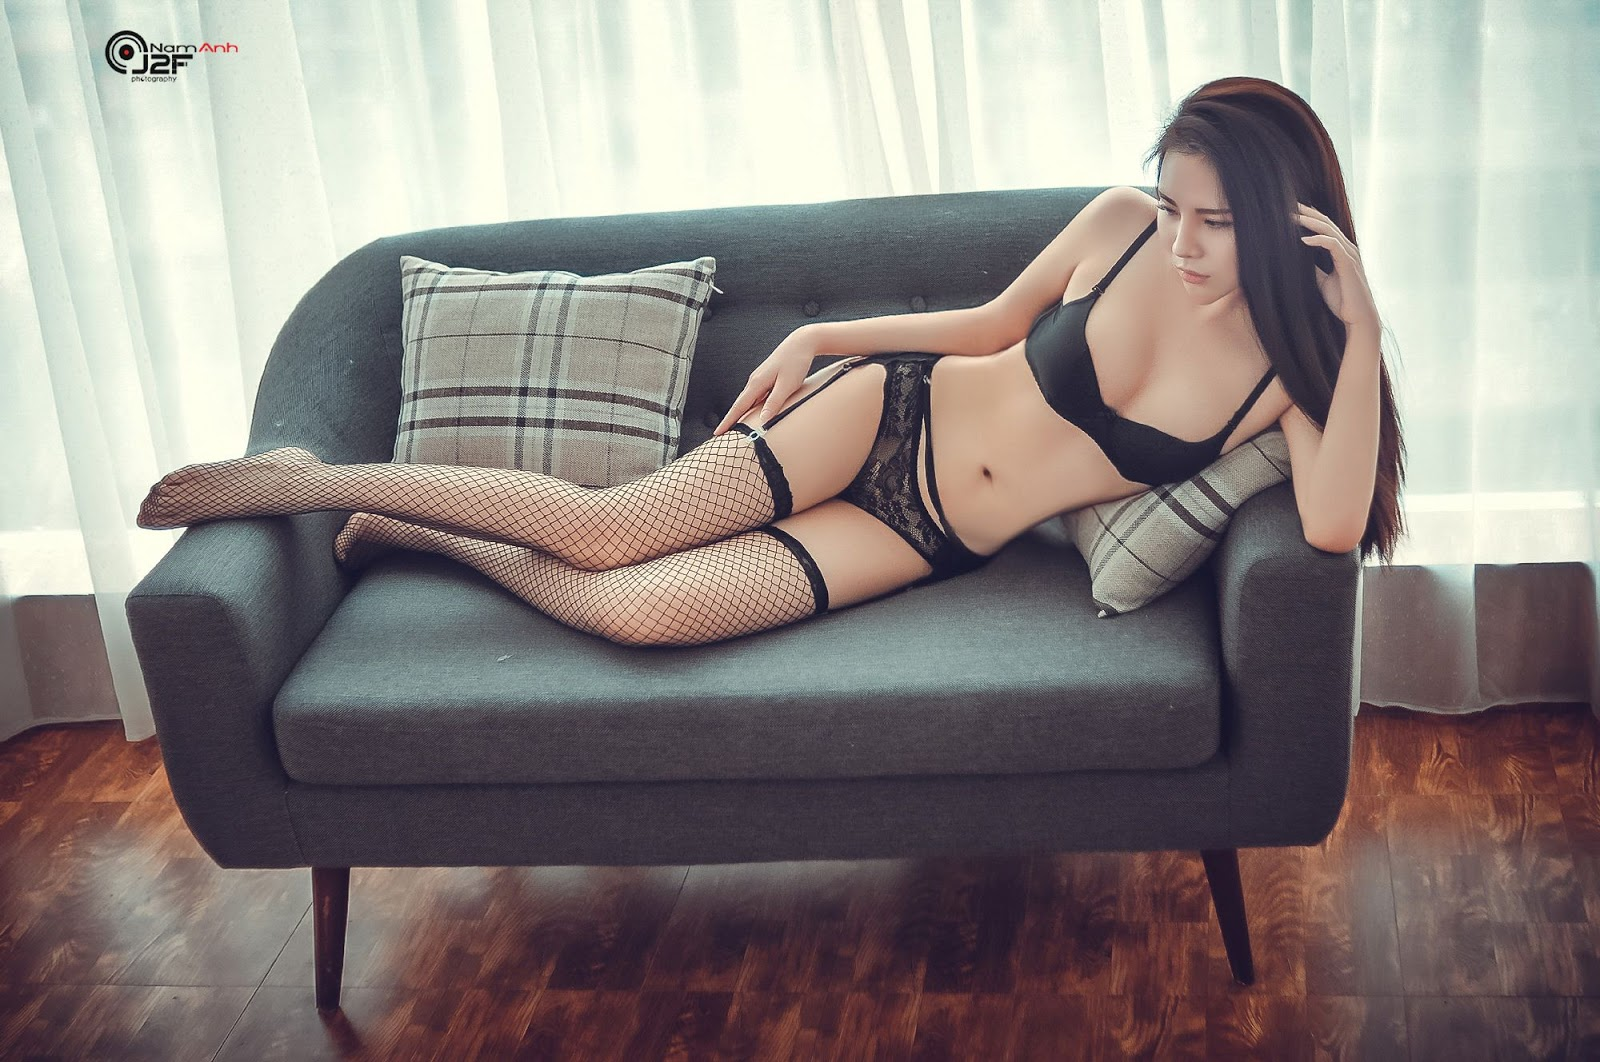 Ngắm Ảnh Gái Xinh Việt Nam Sexy Cực Gợi Cảm Quyến Rũ #2 @BaoBua: Eva